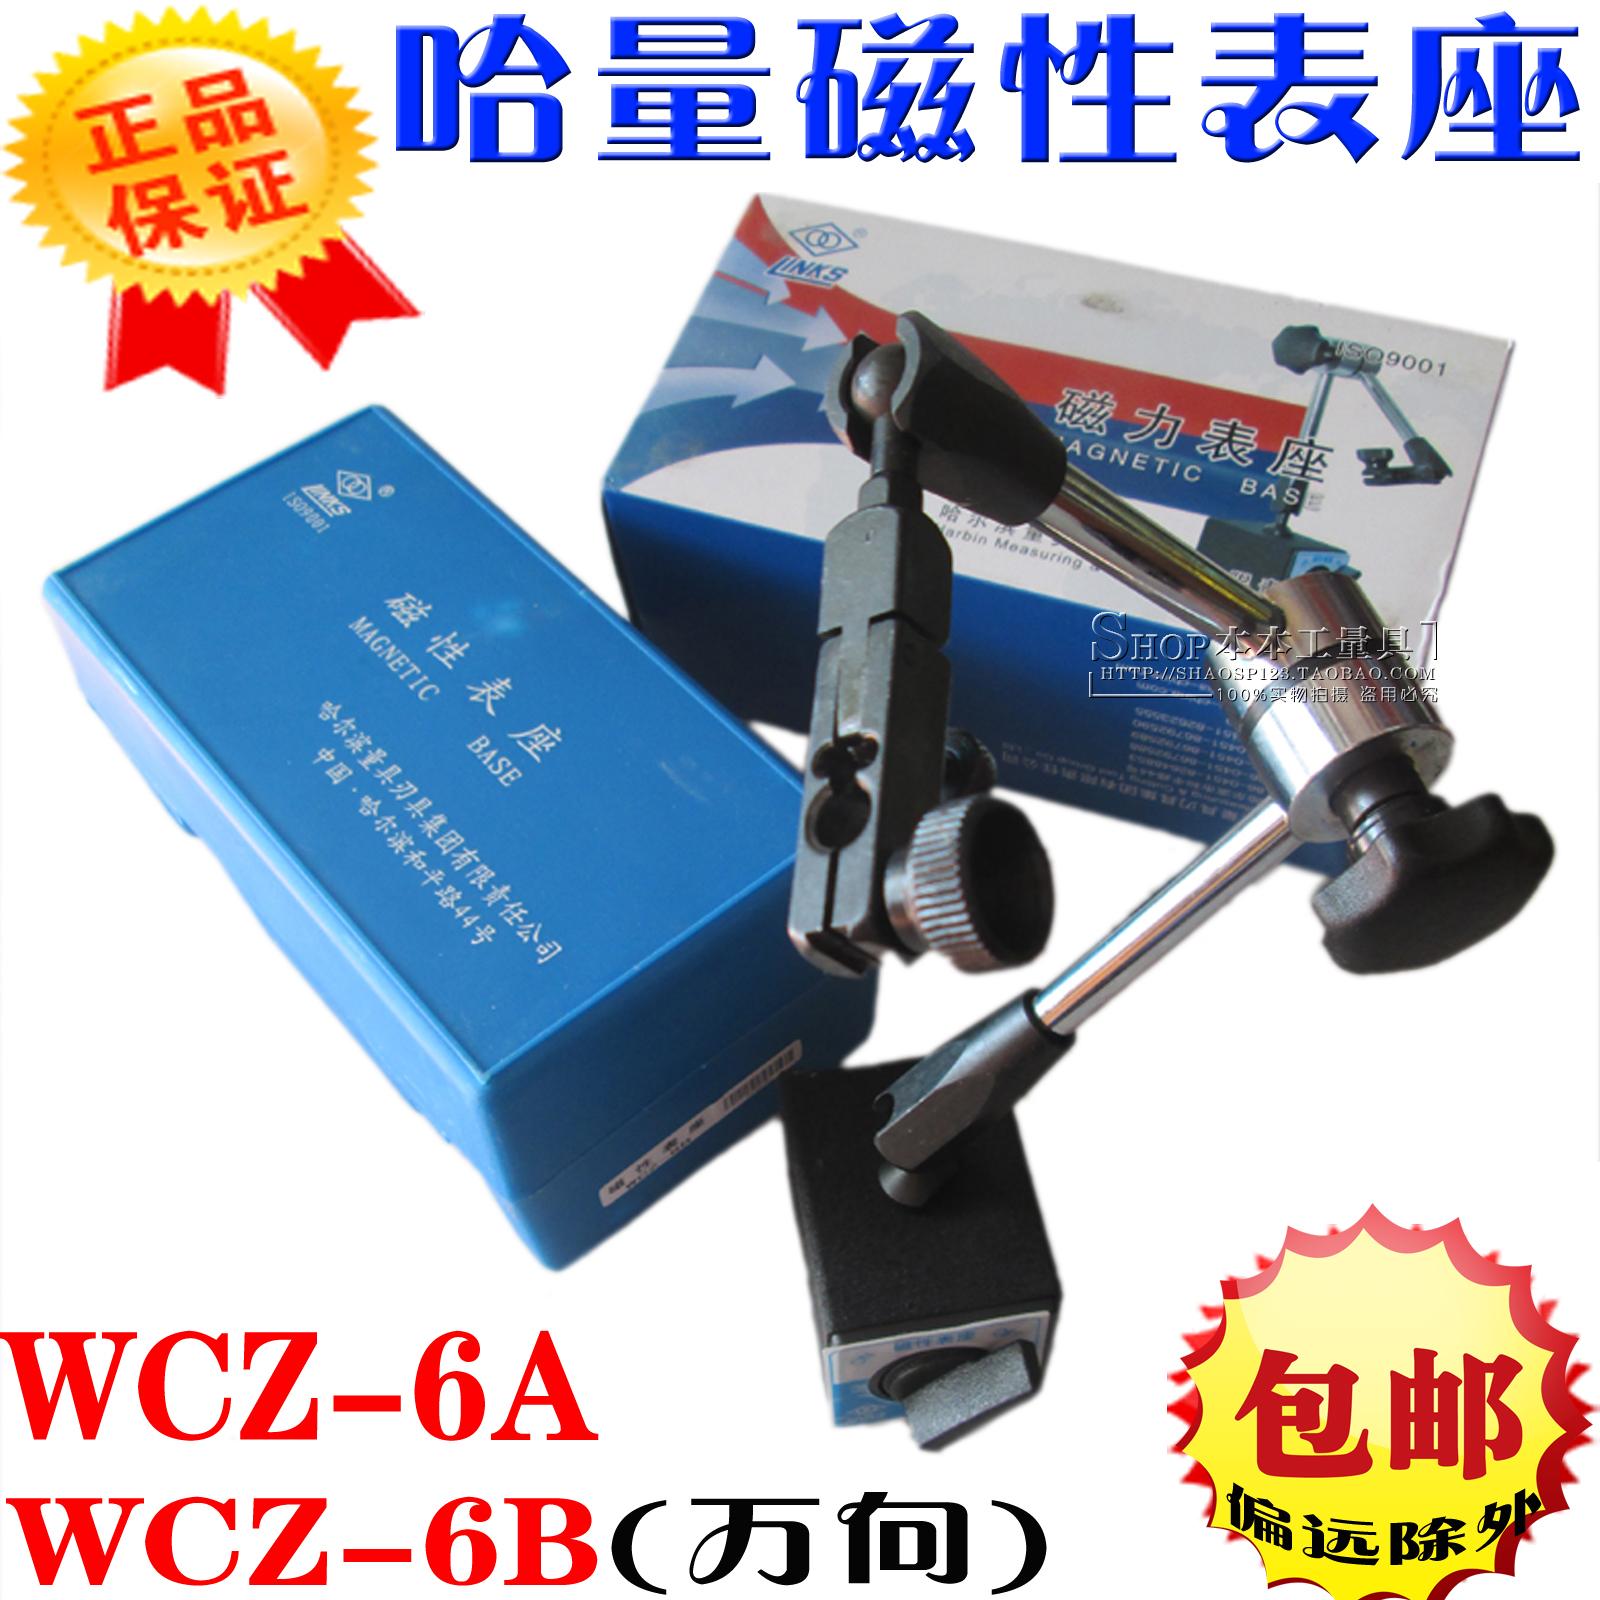 Подлинный количество диск микрометр стол магнитный табличный блок / универсальный может магнитный табличный блок WCZ-6A/WCZ-6B